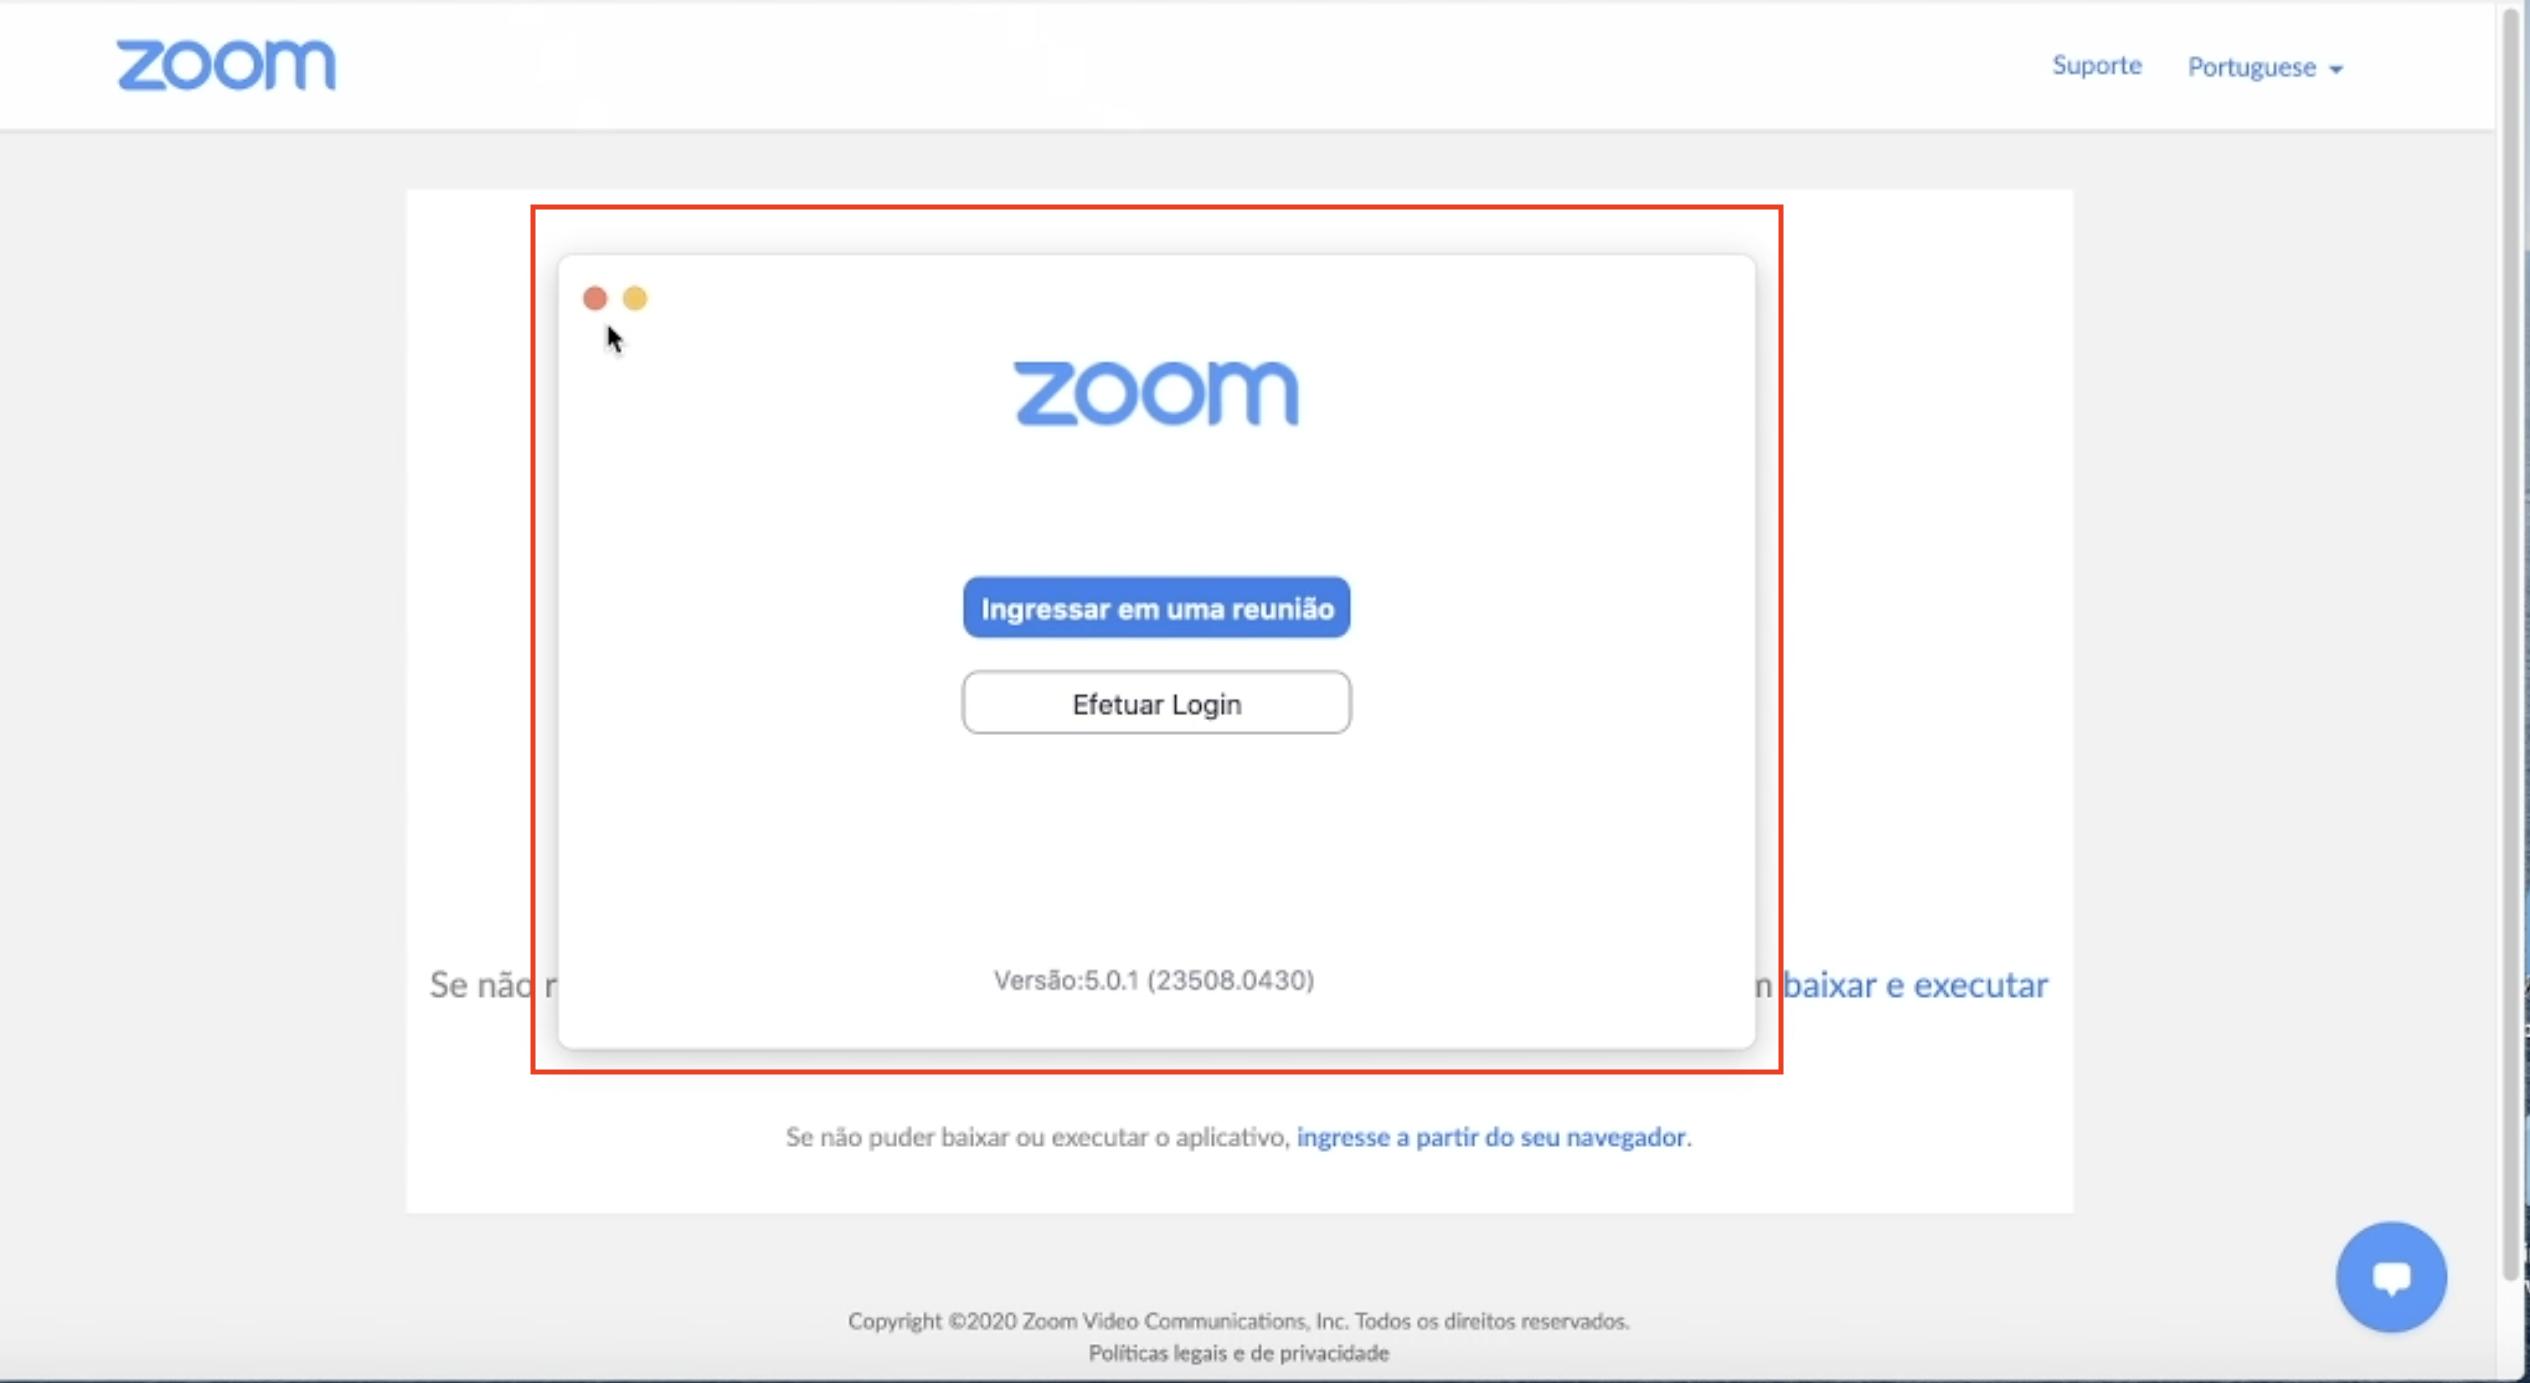 Imagem passo 4 mostra a janela inicial do zoom após ser instalado no computador